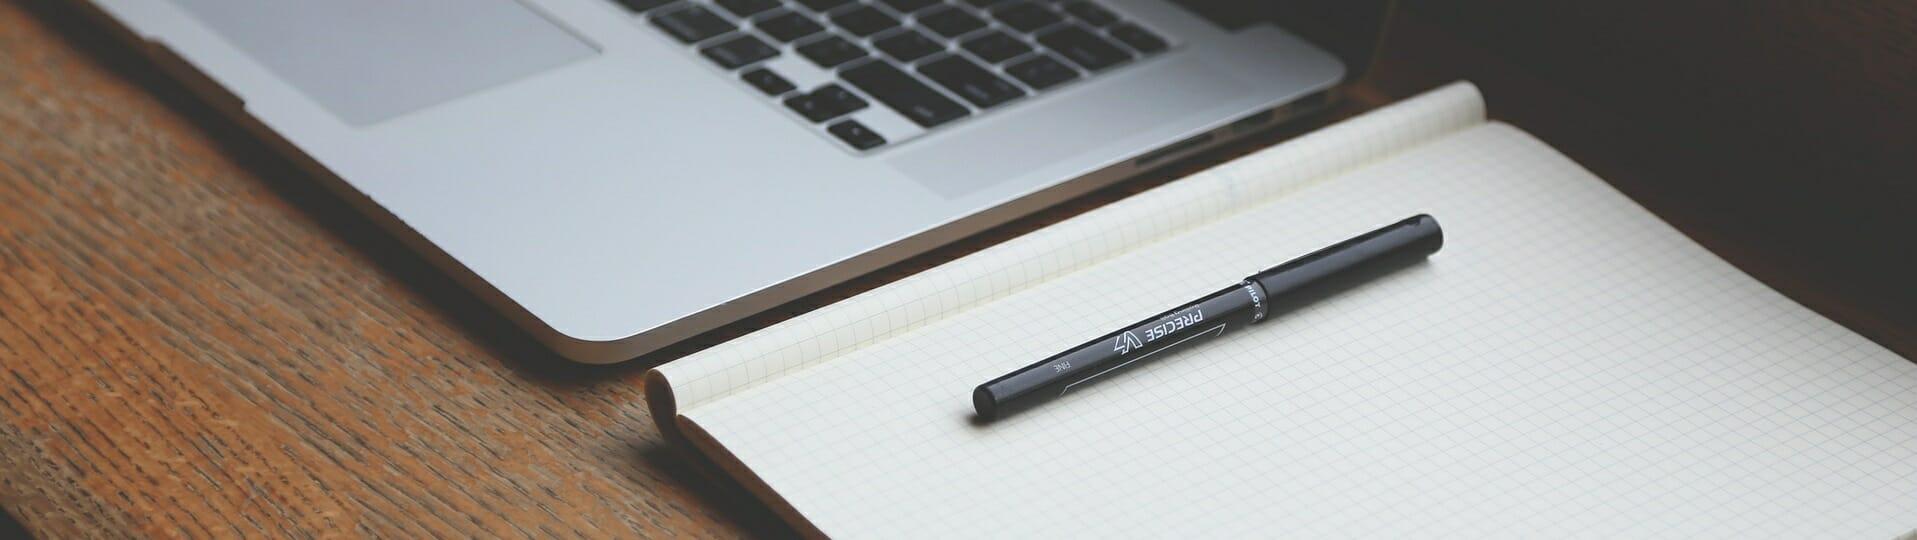 Notatnik i laptop